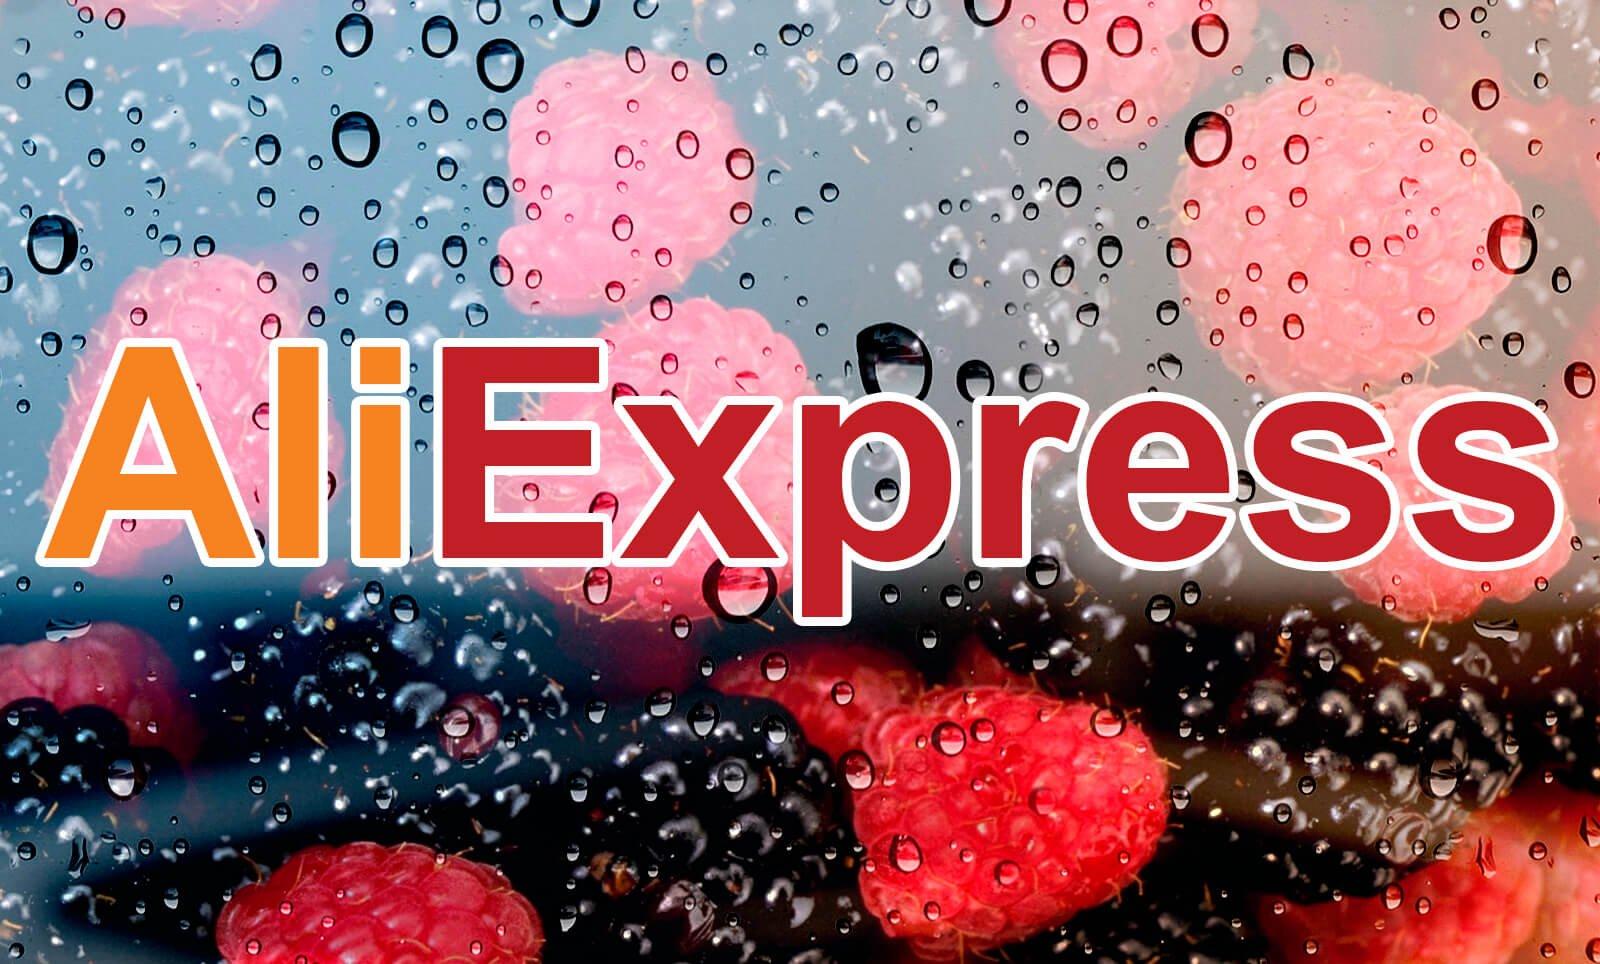 У тверских самозанятых появилась возможность стать продавцами на AliExpress